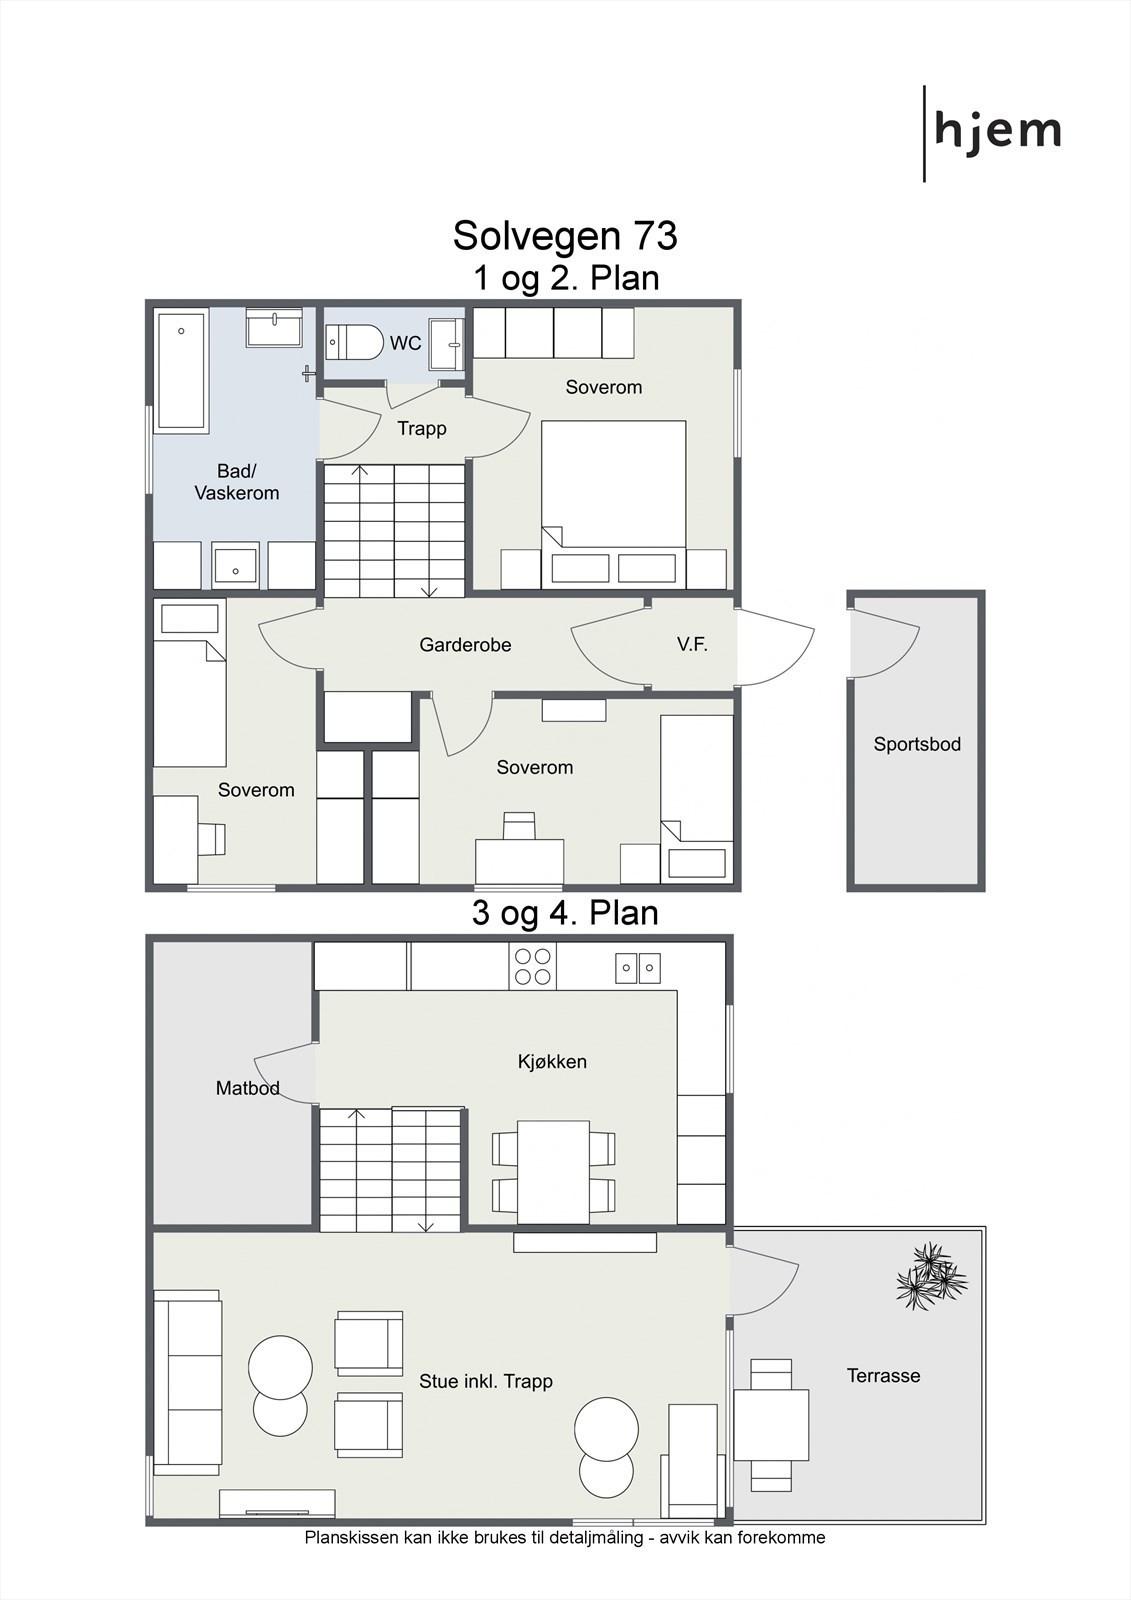 Project letterhead - Solvegen 73 - 2D Floor Plan.jpg